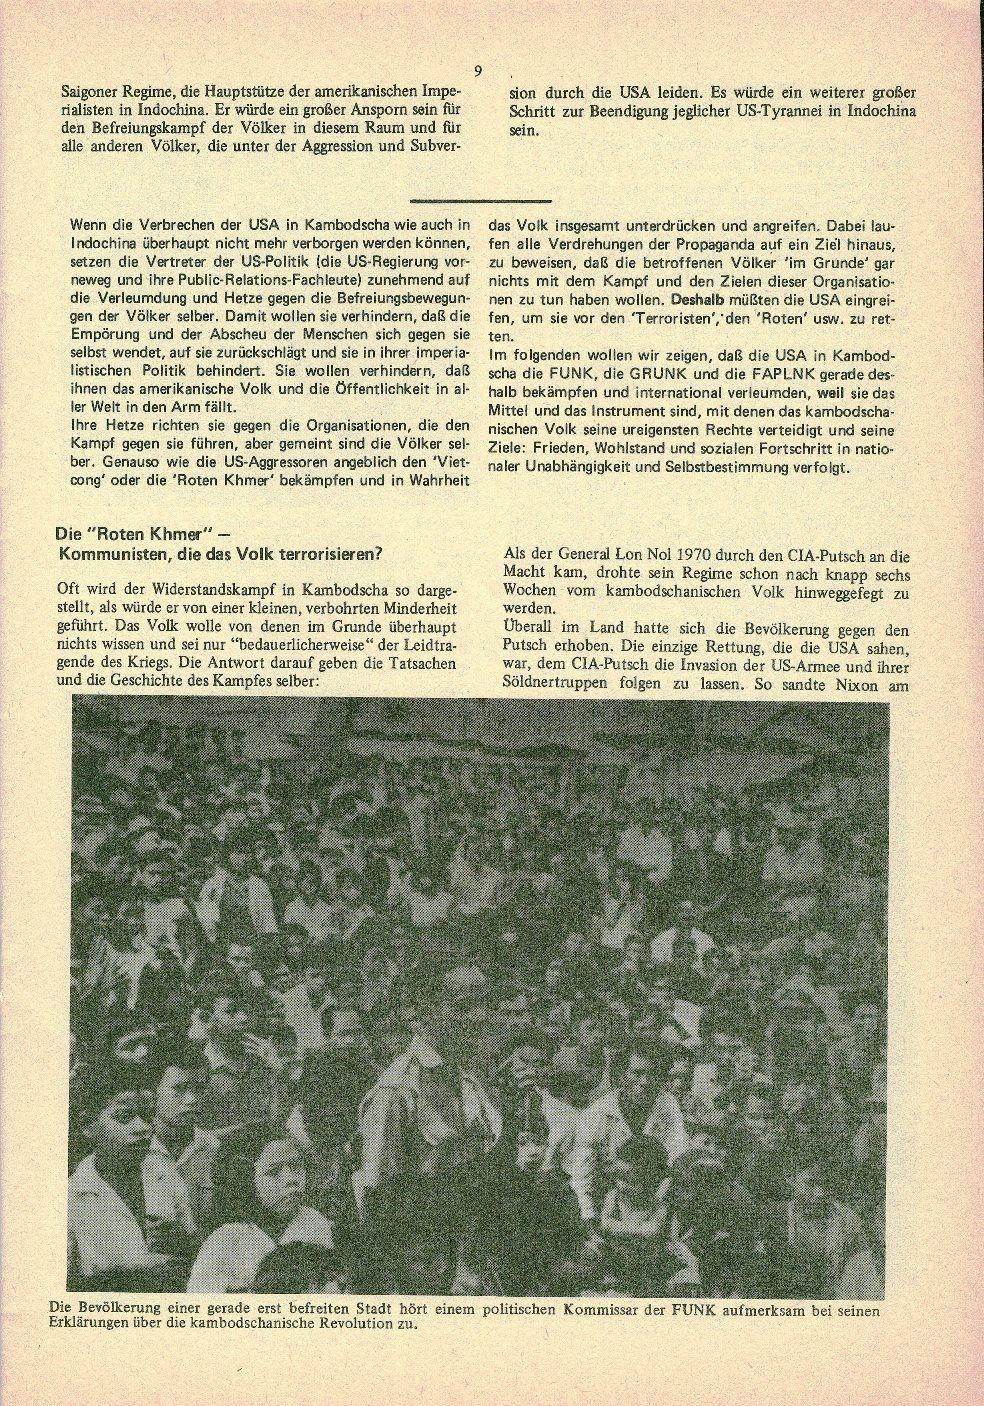 Kambodscha_1974_Das_Volk_besiegt_den_Imperialismus009